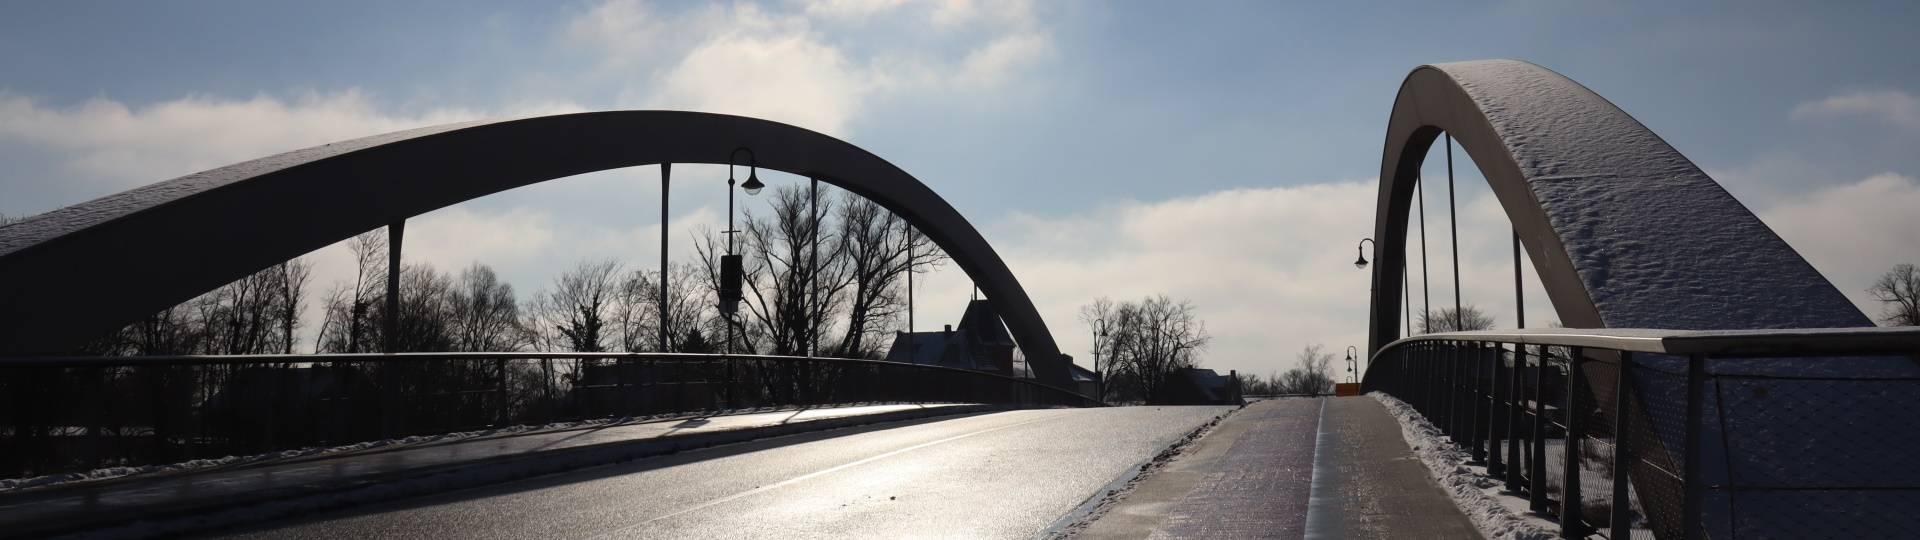 sandauer brücke verschneit ©Hansestadt Havelberg